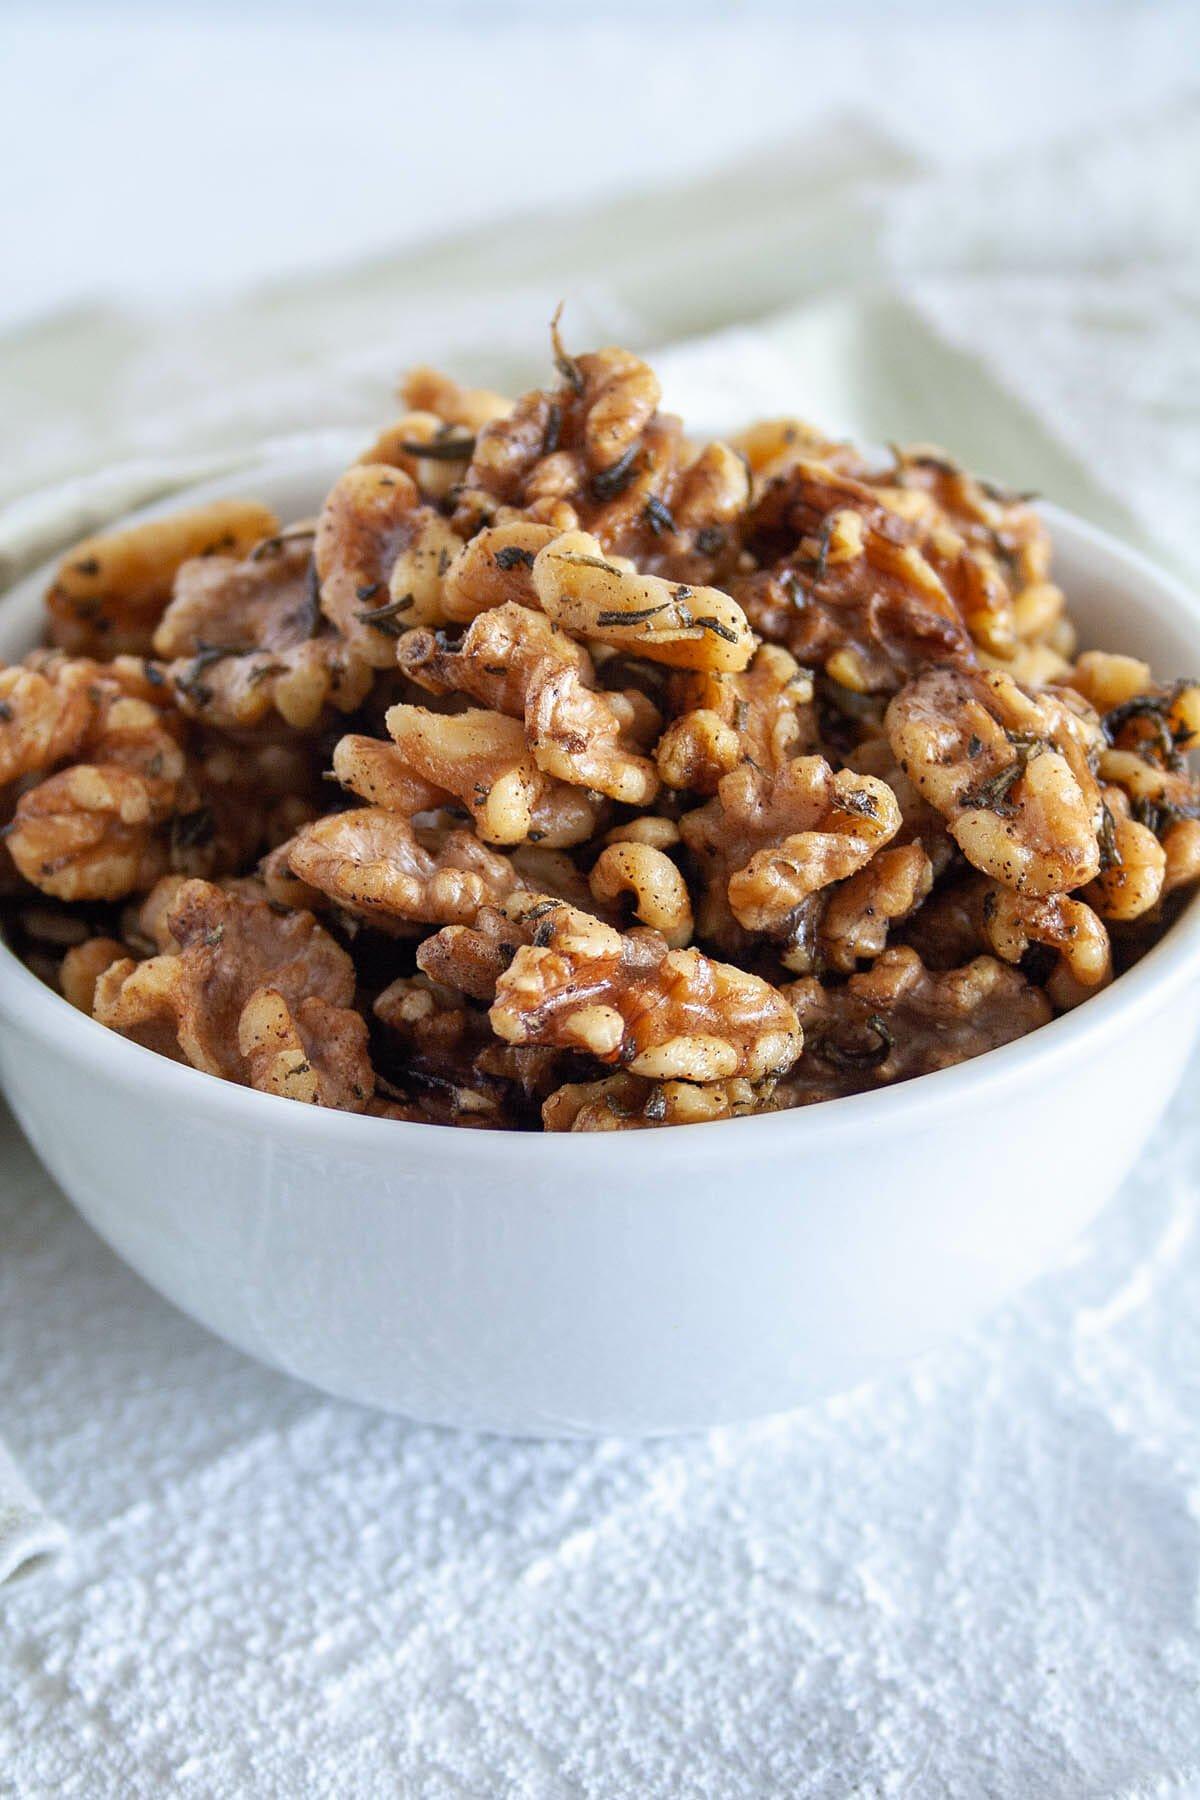 Rosemary Walnuts in bowl.